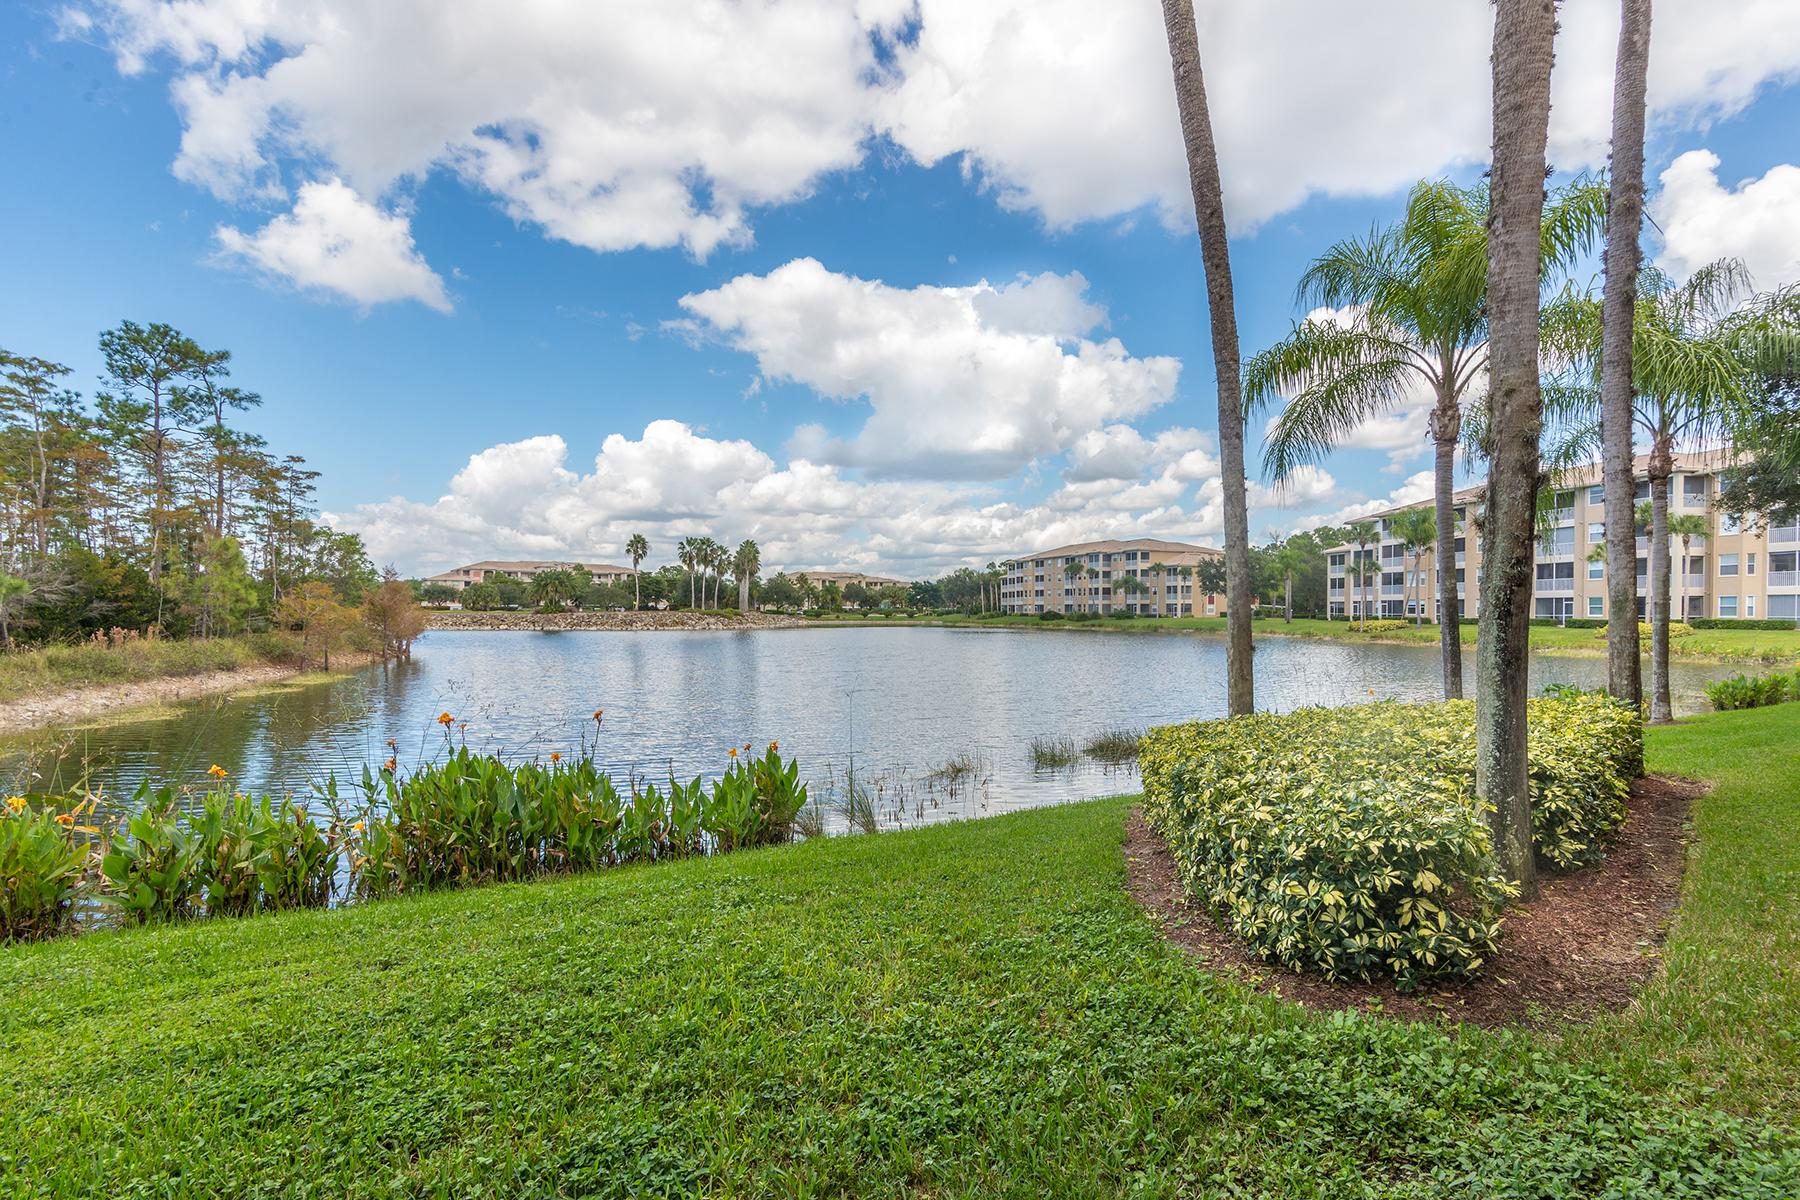 共管物業 為 出售 在 NAPLES HERITAGE - STONEYBROOK 7525 Stoneybrook Dr 912 Naples, 佛羅里達州, 34112 美國